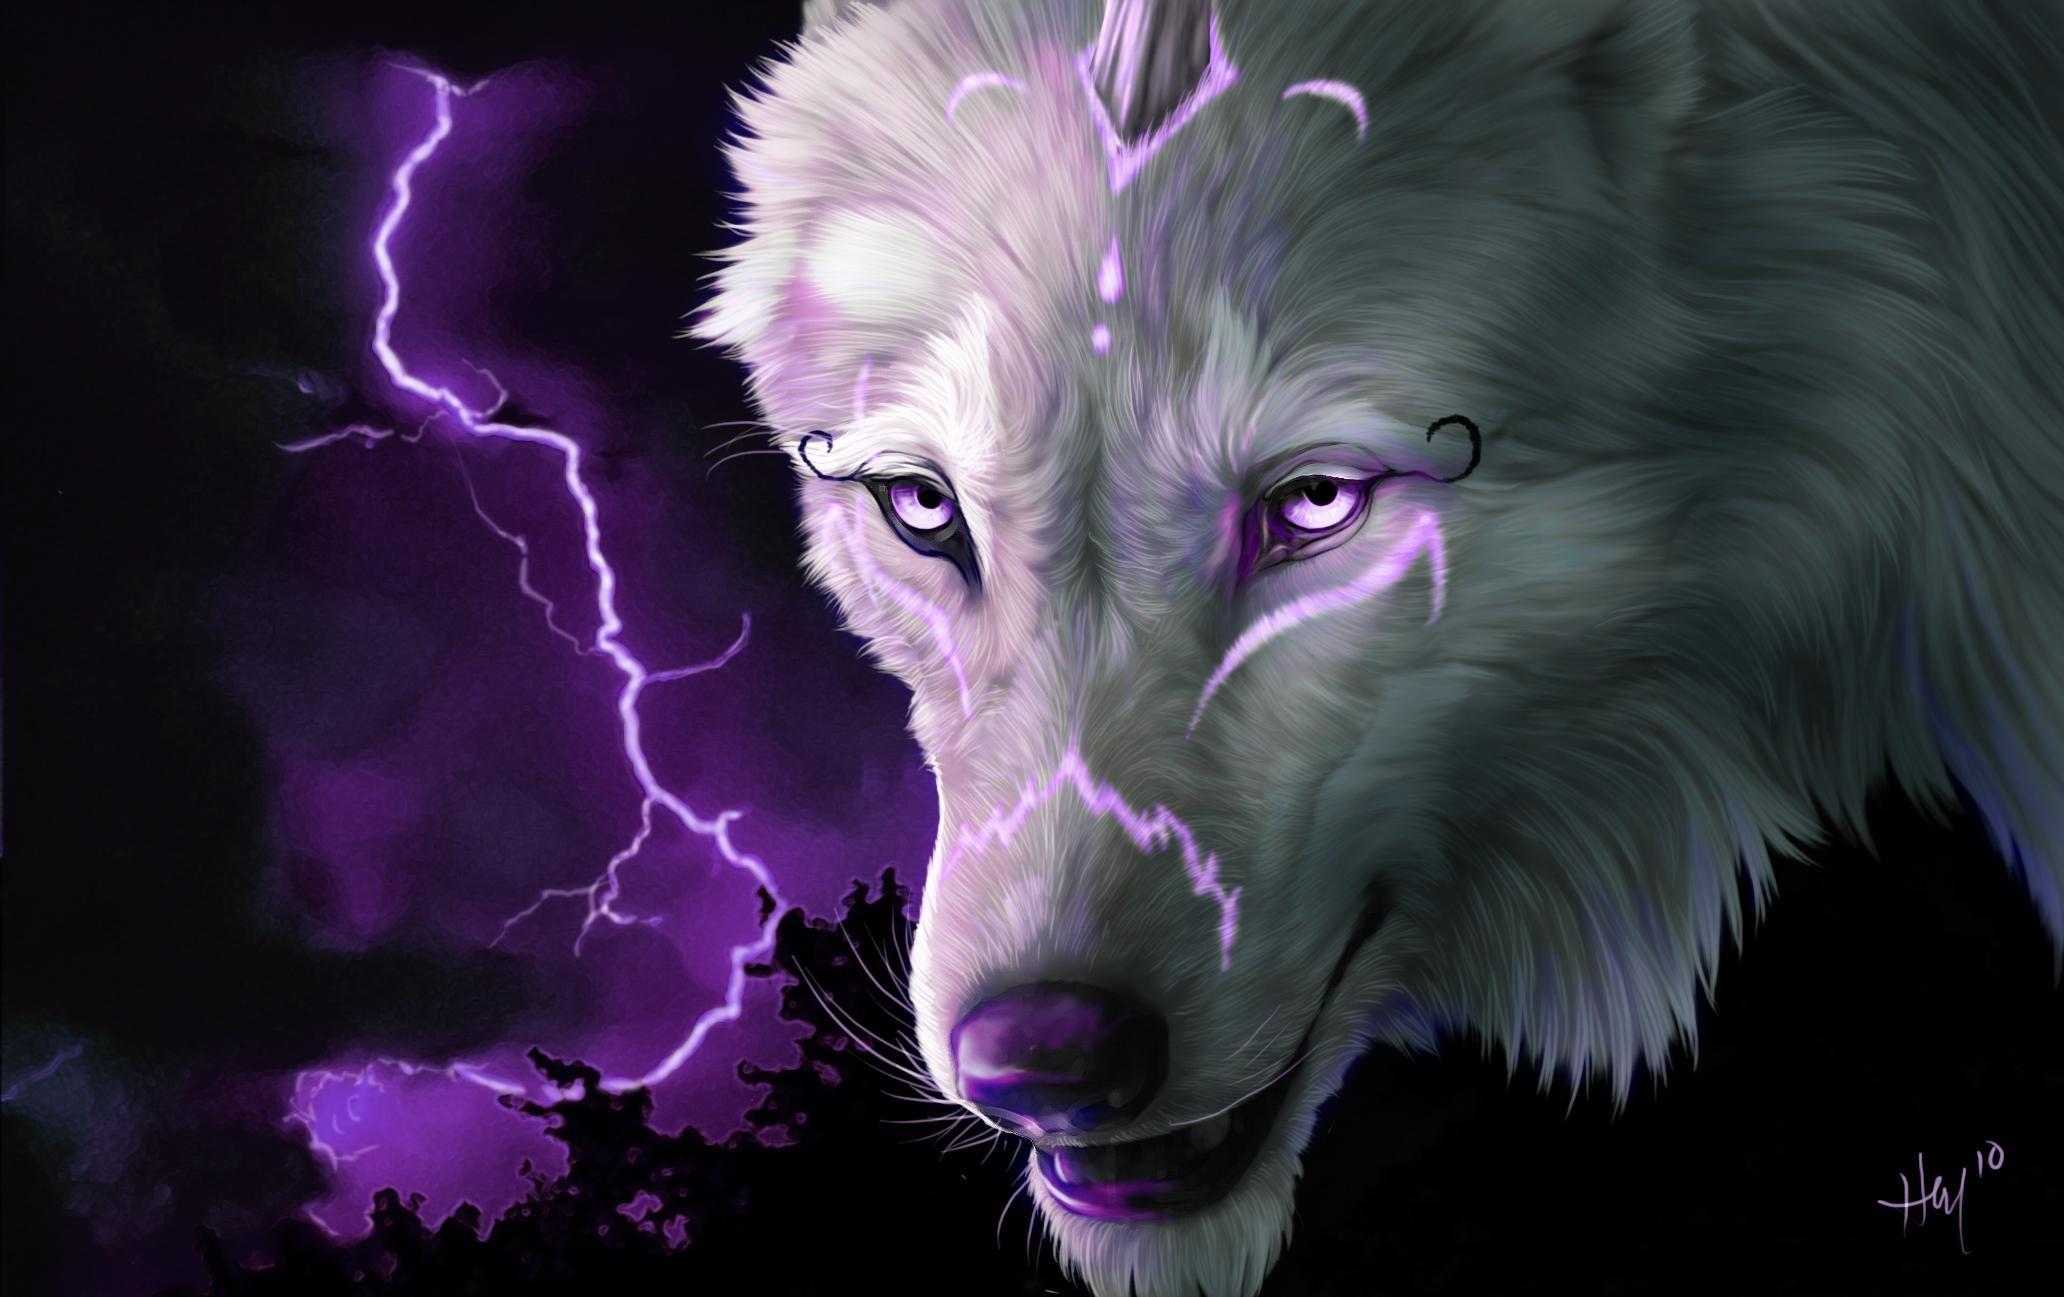 mystic_wolf.jpg (2064 × 1297) mystic_wolf.jpg (2064